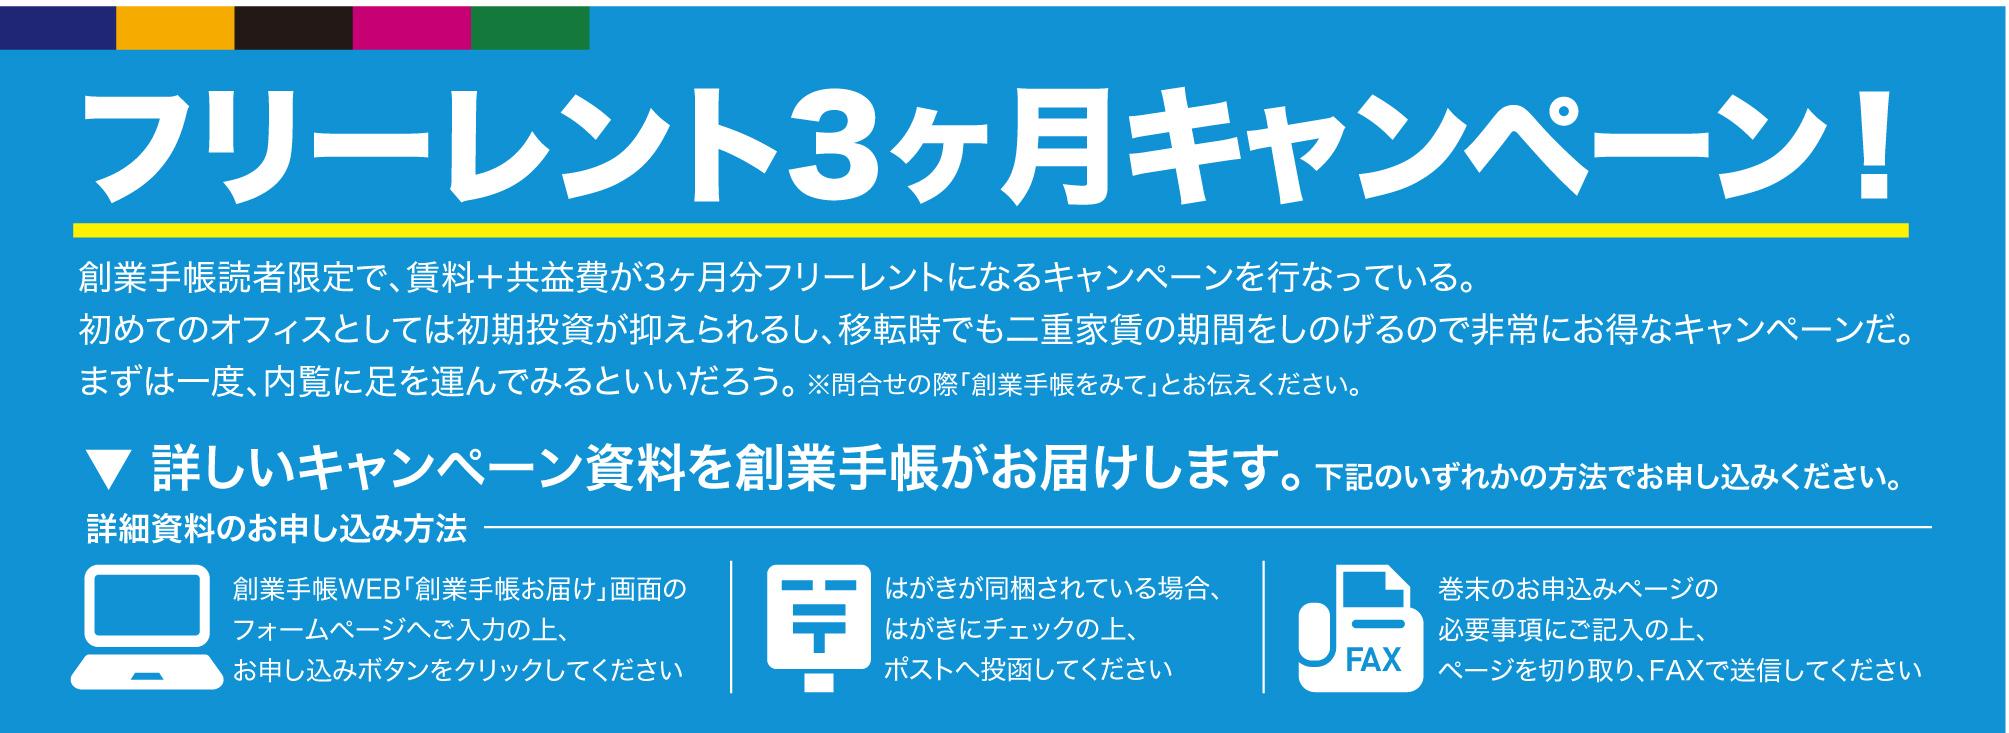 TieUp_tokyu_1128